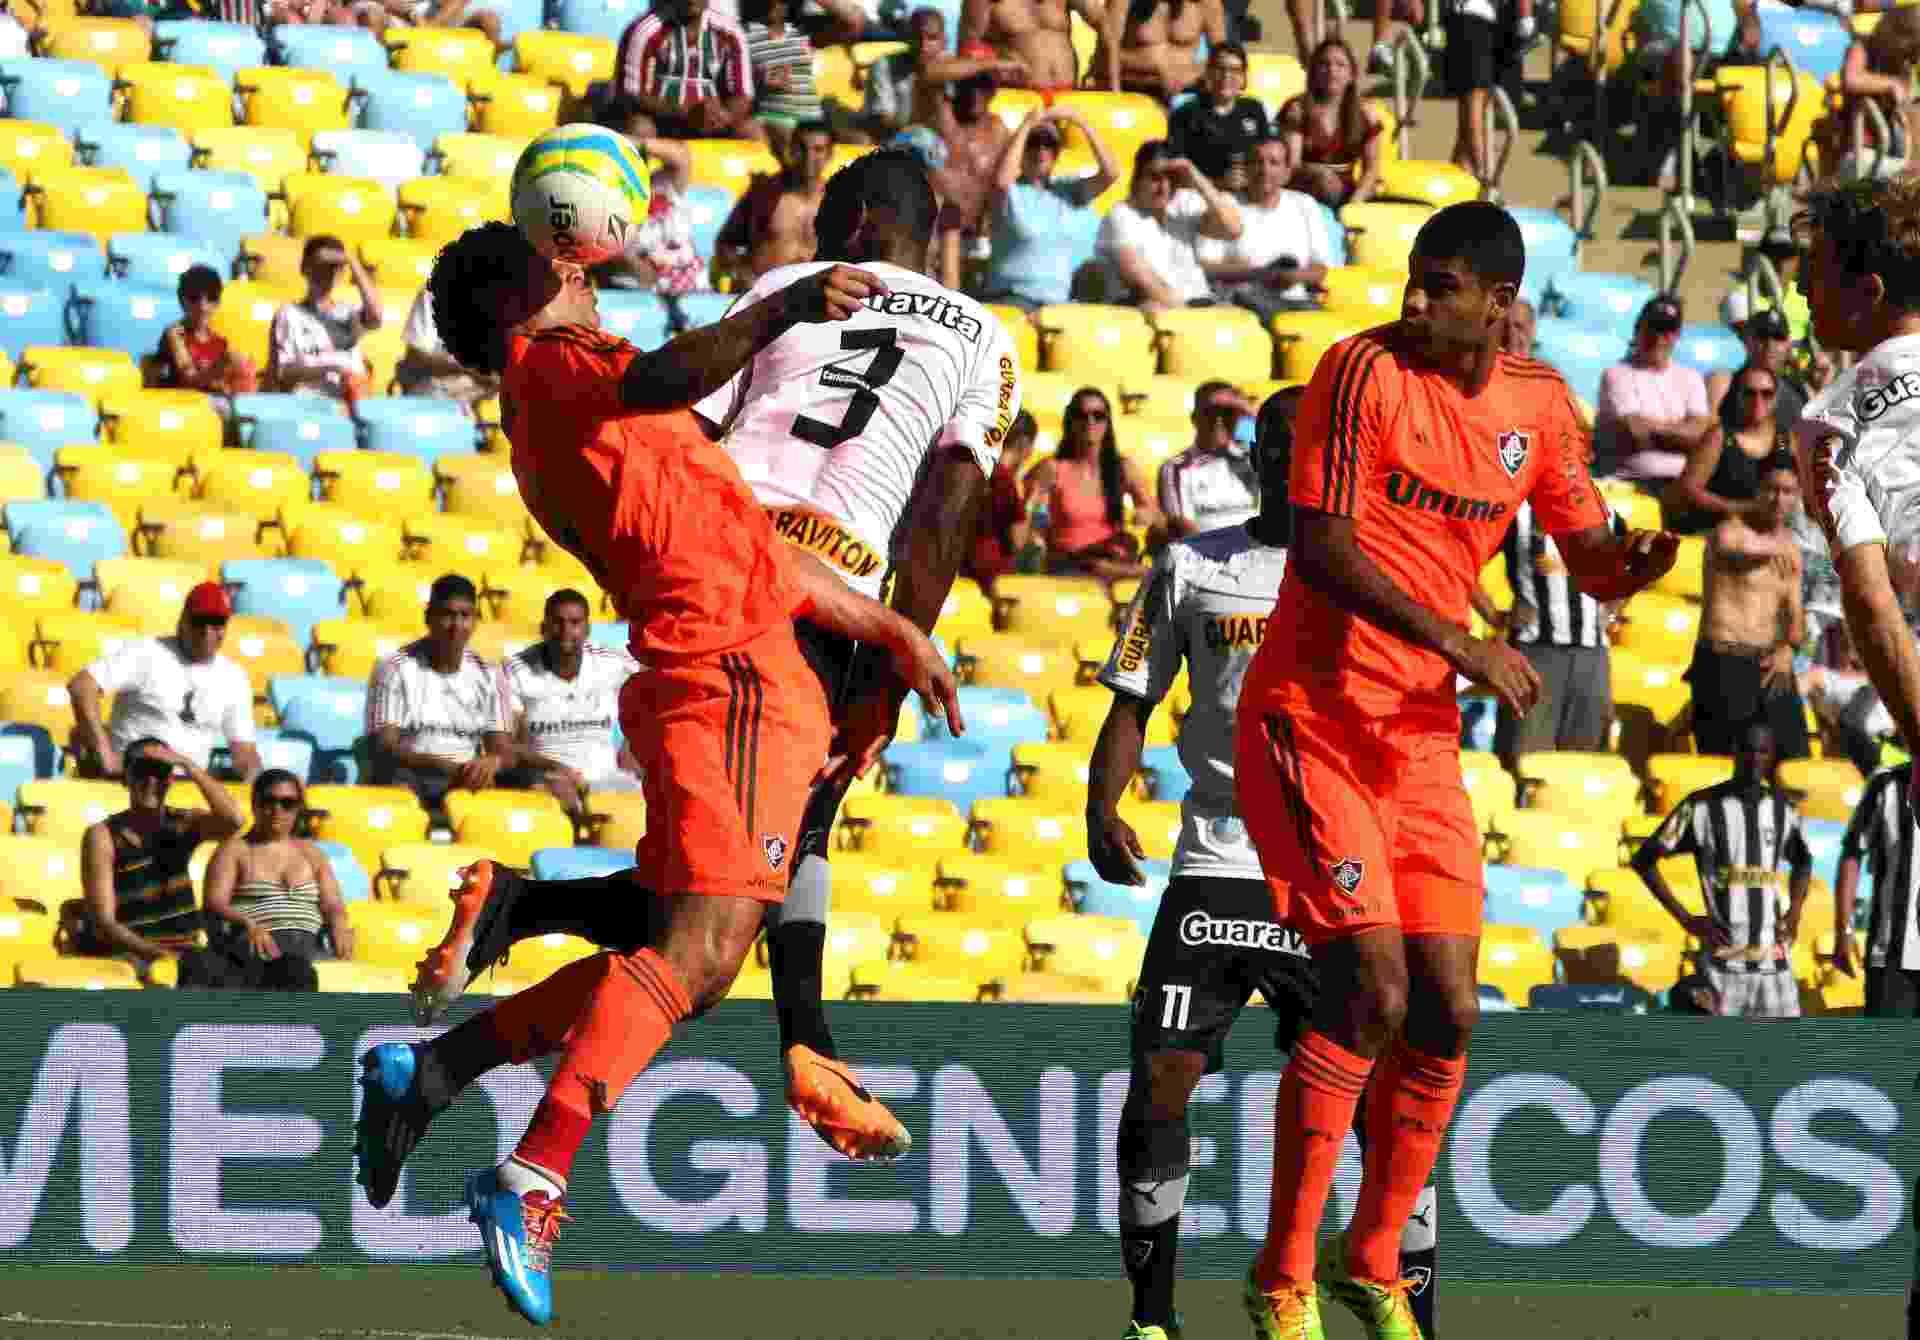 23.fev.2014 - Fred e André Bahia dividem a bola na partida entre Fluminense e Botafogo, pelo Campeonato Carioca - NELSON PEREZ/FLUMINENSE F.C.